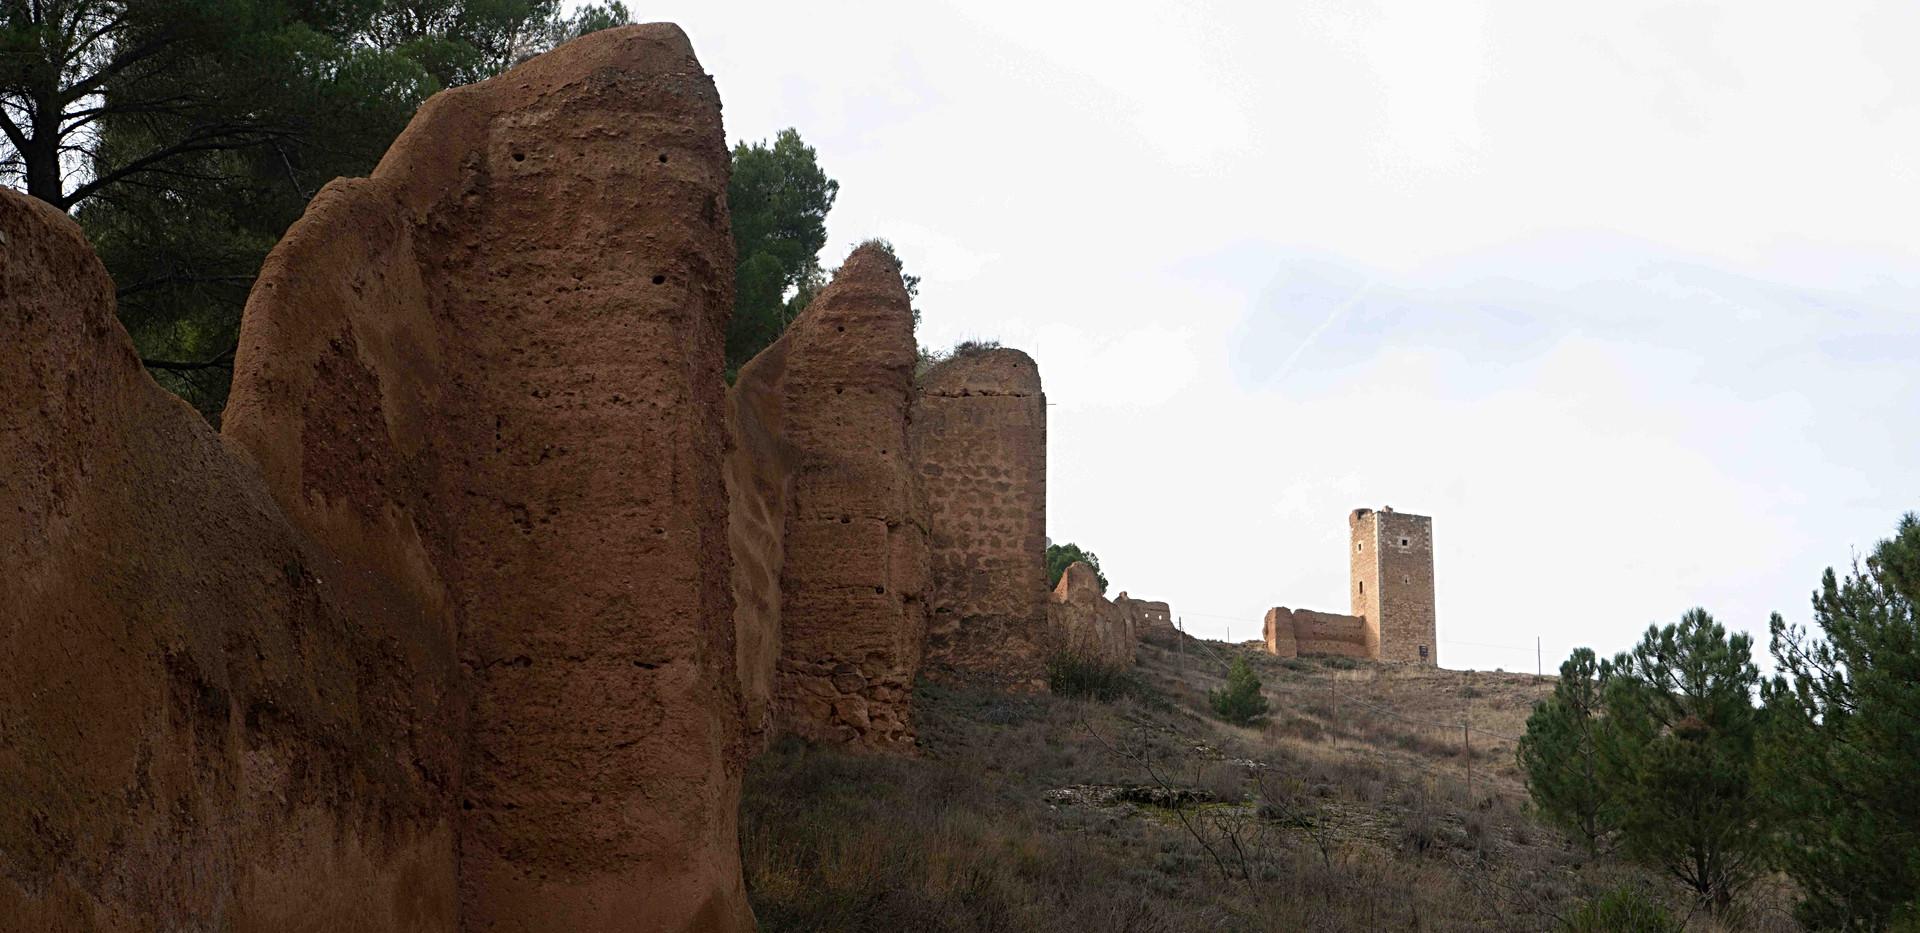 Murallas / Walls